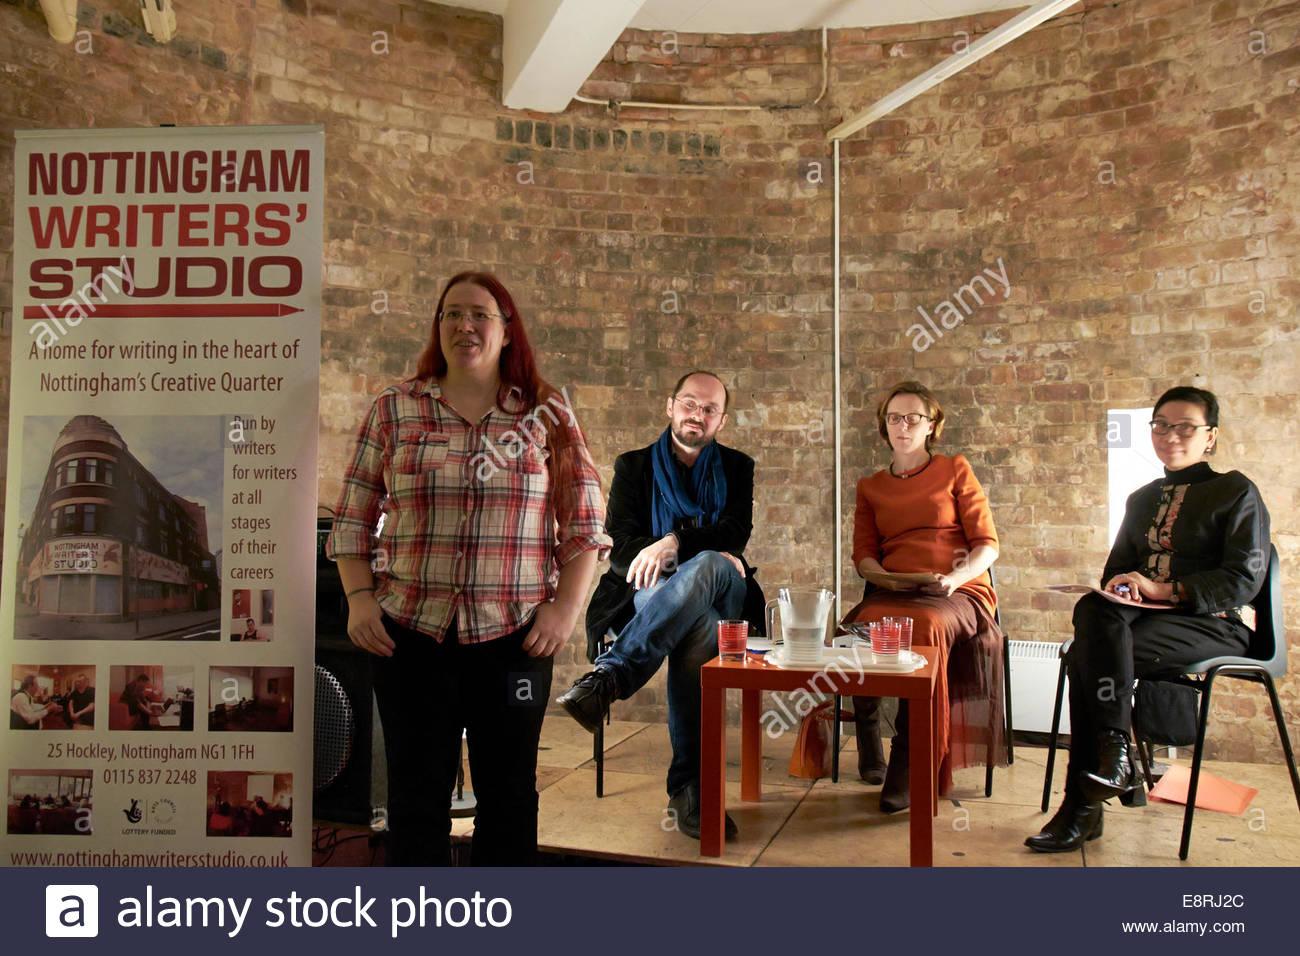 Nottingham, UK. 13 Oct, 2014 Nottingham Festival of Words - Writing from China at Nottingham Writers' Studio. - Stock Image